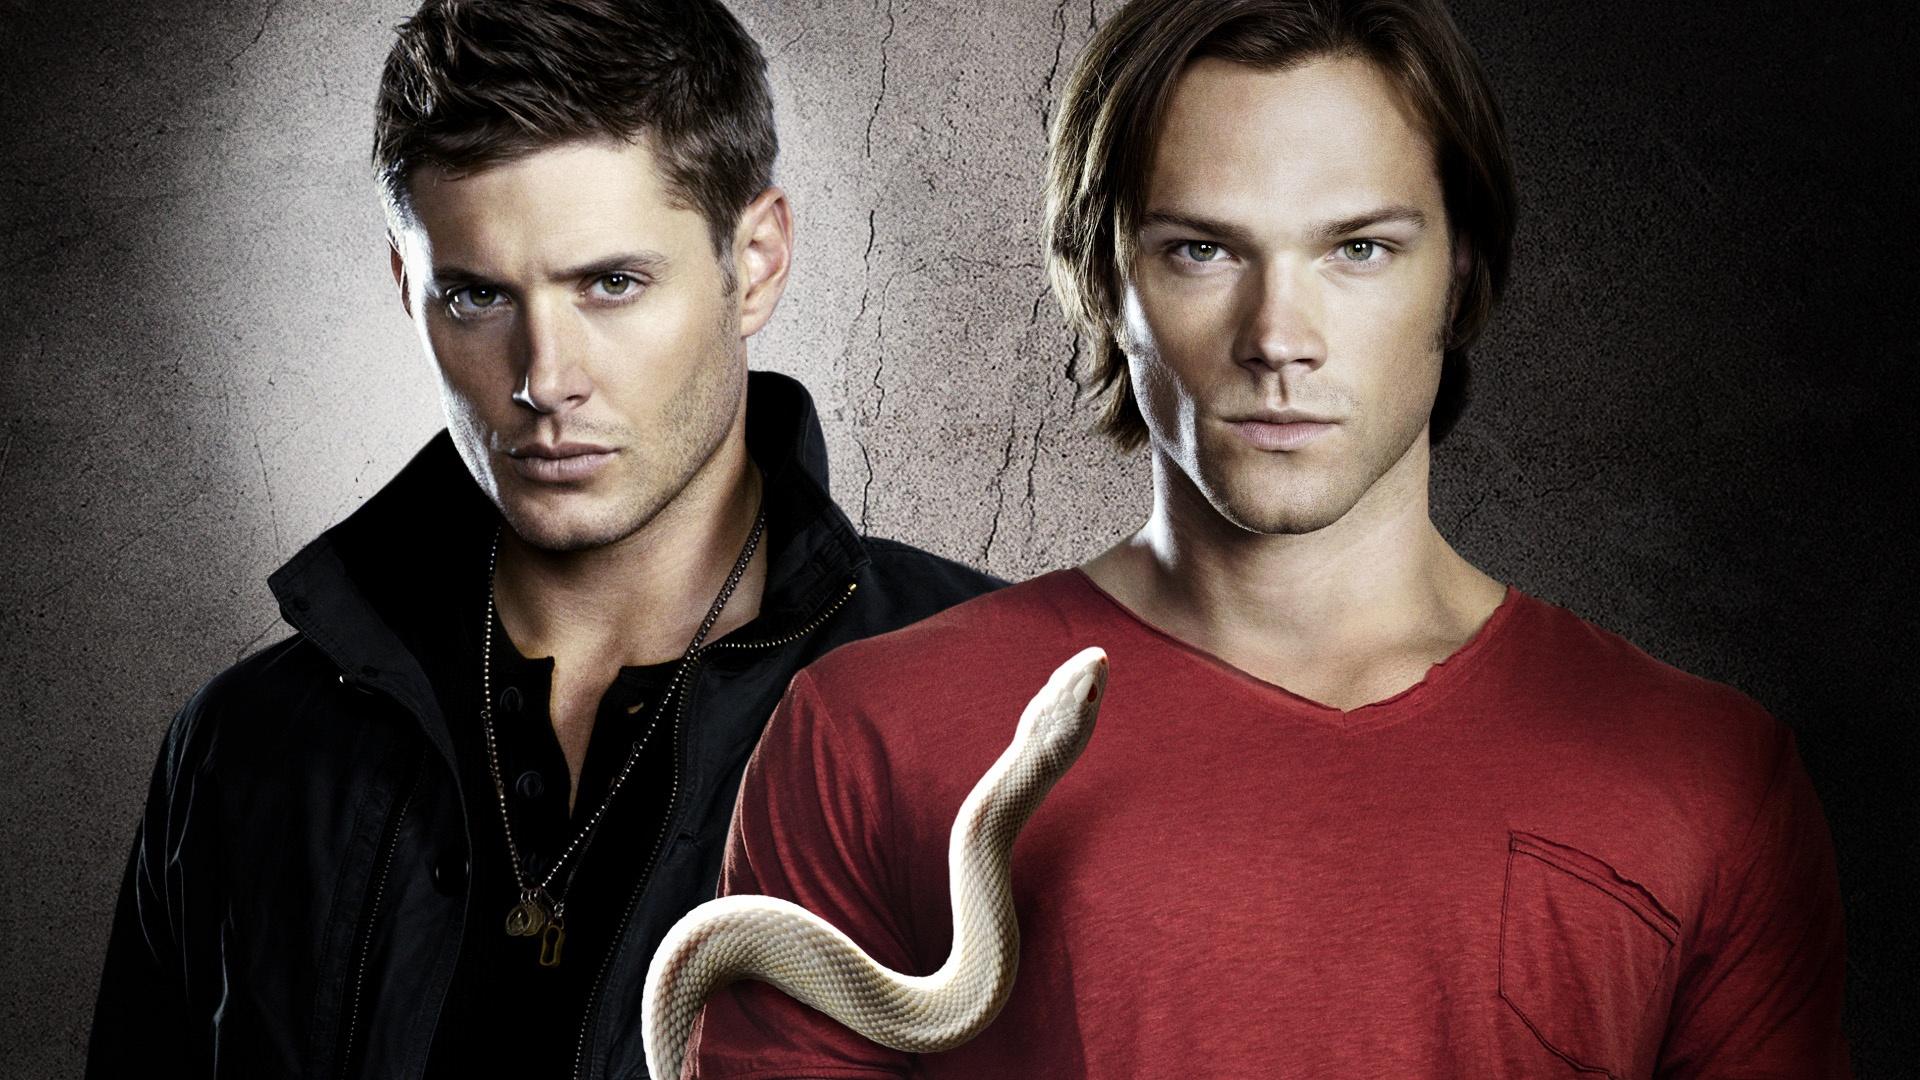 Fondos De Pantalla Serie De Televisión Supernatural